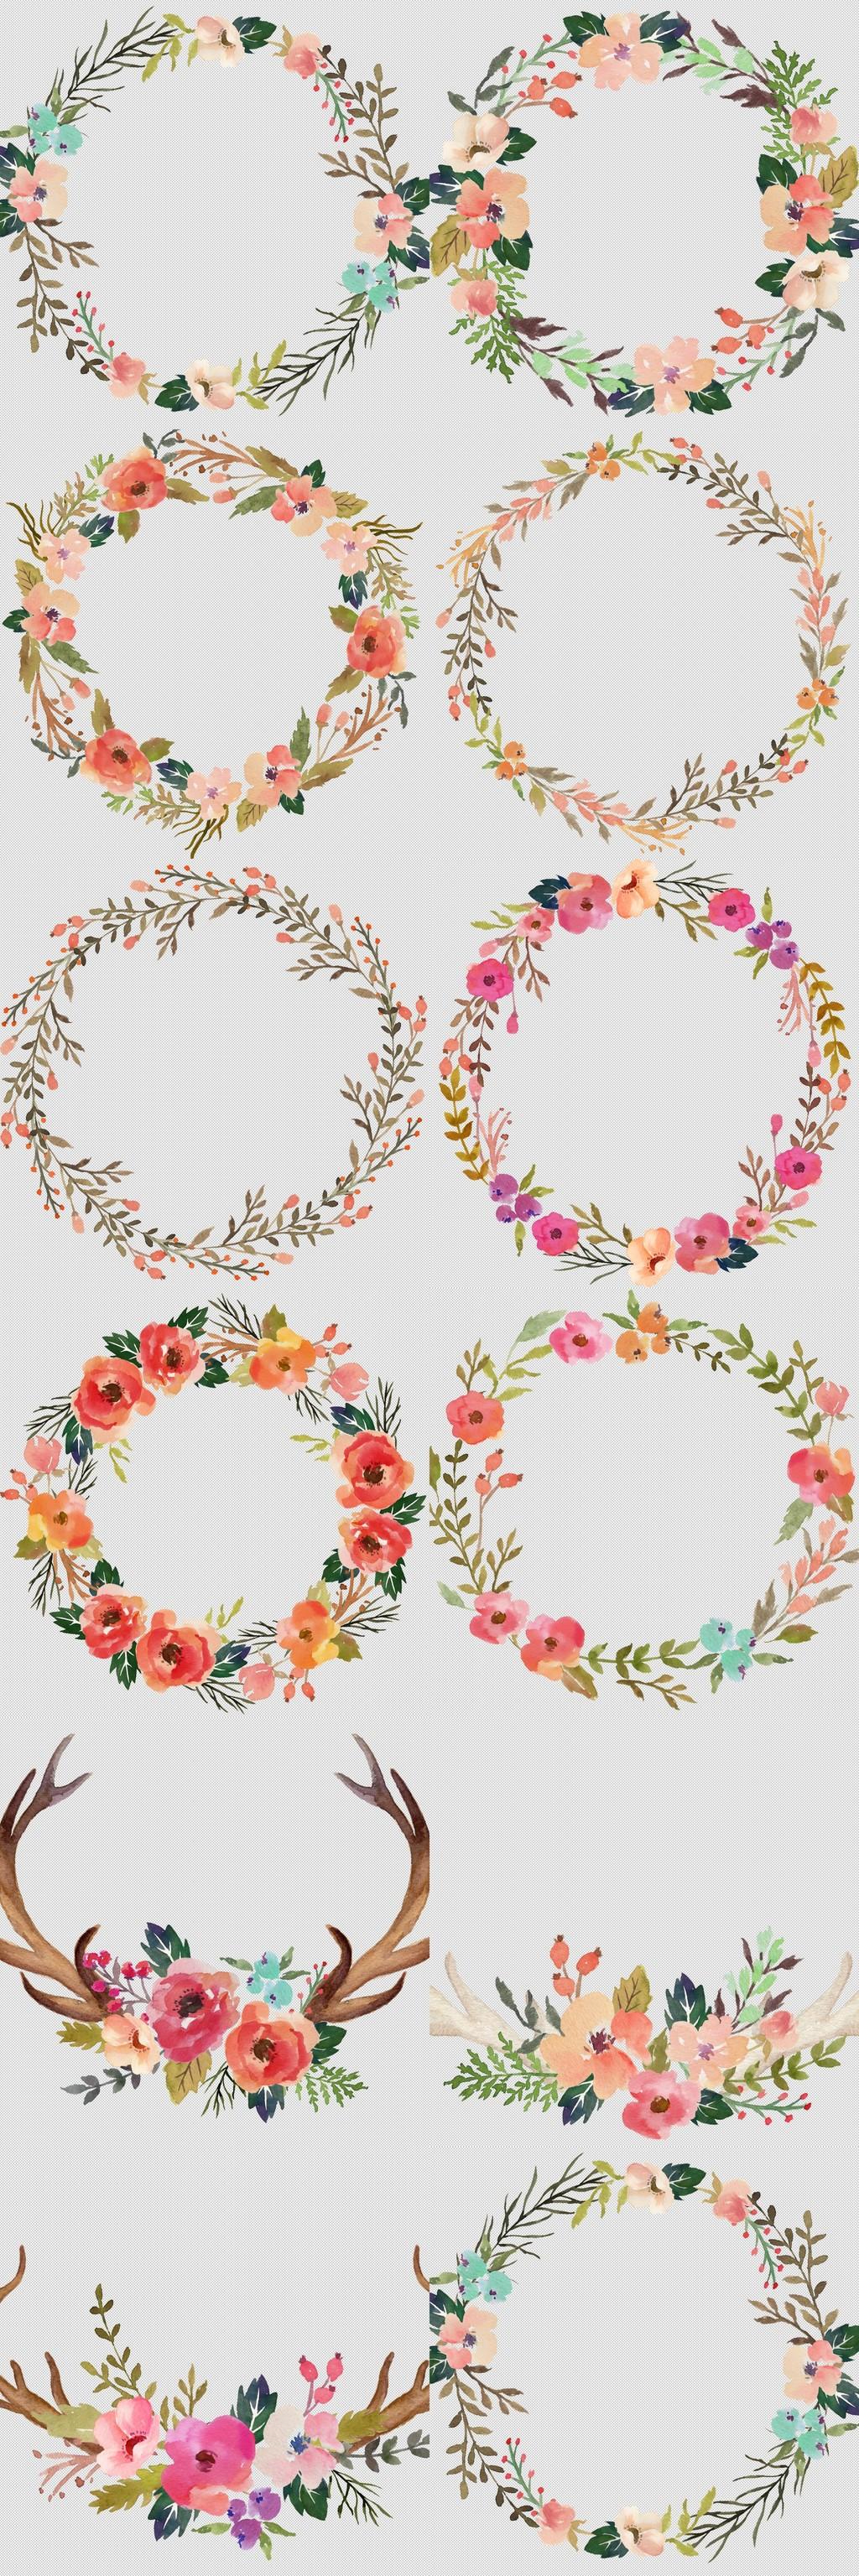 高清森系花草树叶手绘花朵花卉花环p.图片设计素材